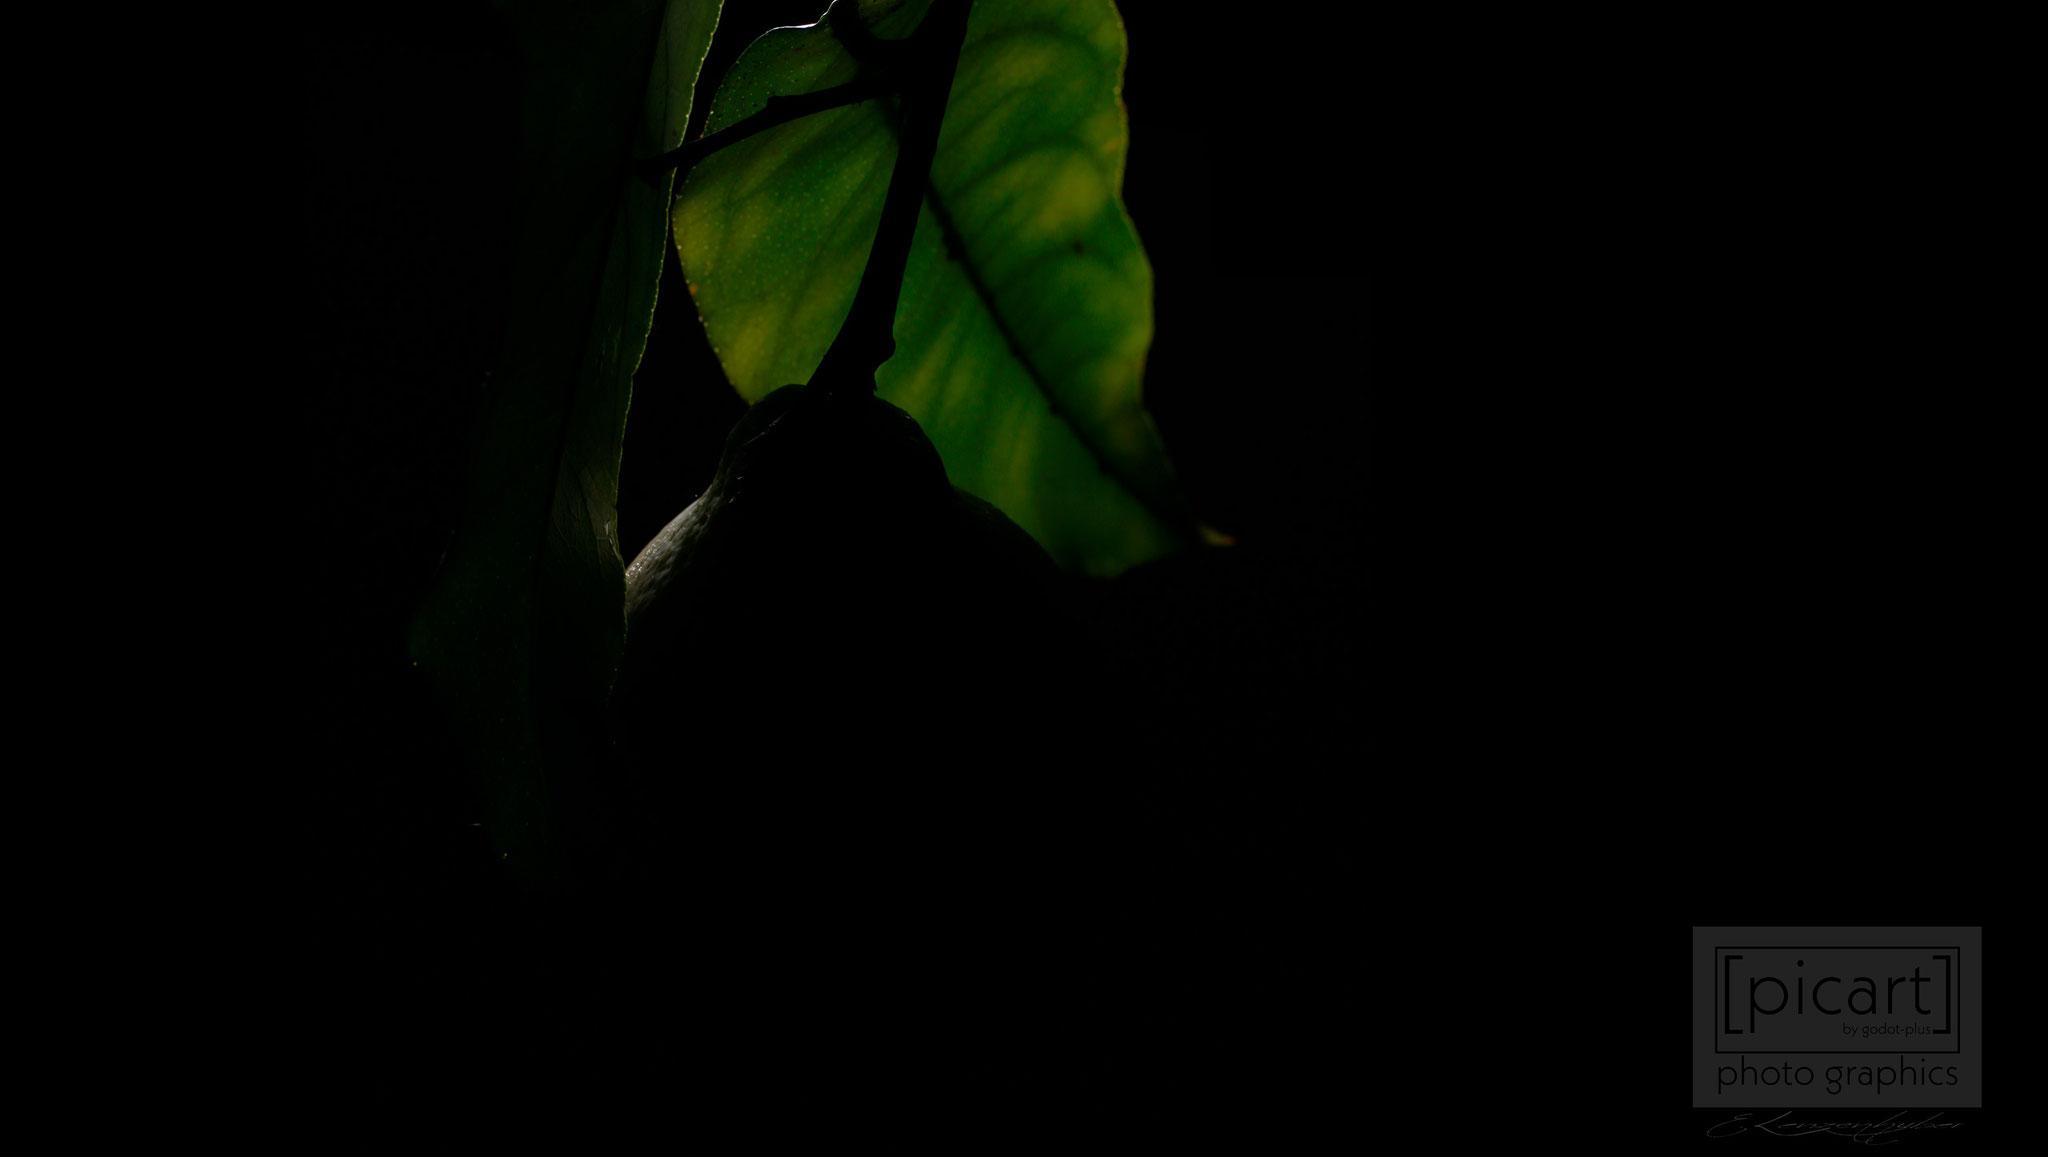 Bestellnummer: LK015  |  Low Key-Fotografie – Zitronenbaum © [:picart]by godot-plus, Eva Lenzenhuber